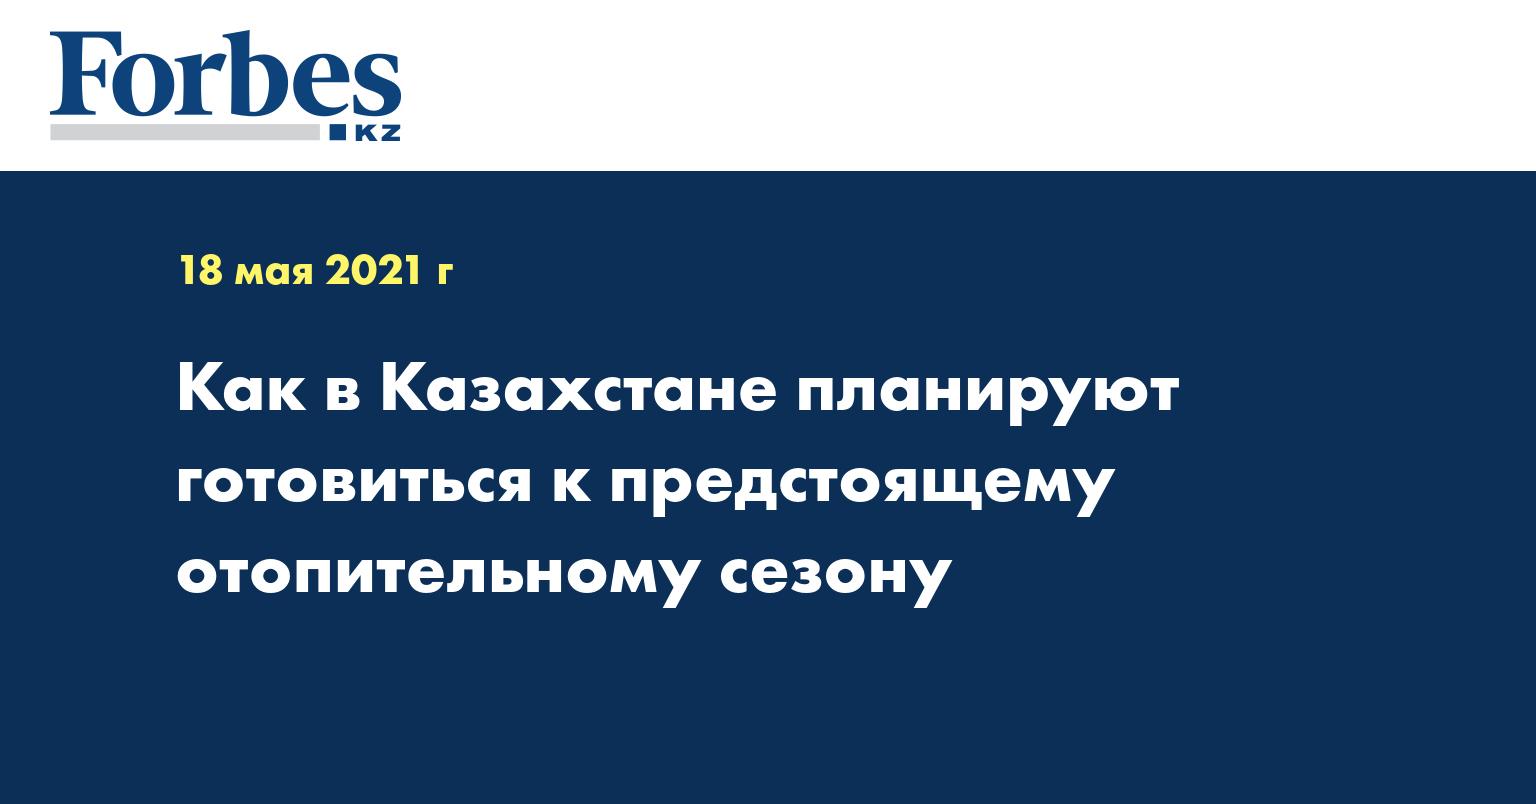 Как в Казахстане планируют готовиться к предстоящему отопительному сезону